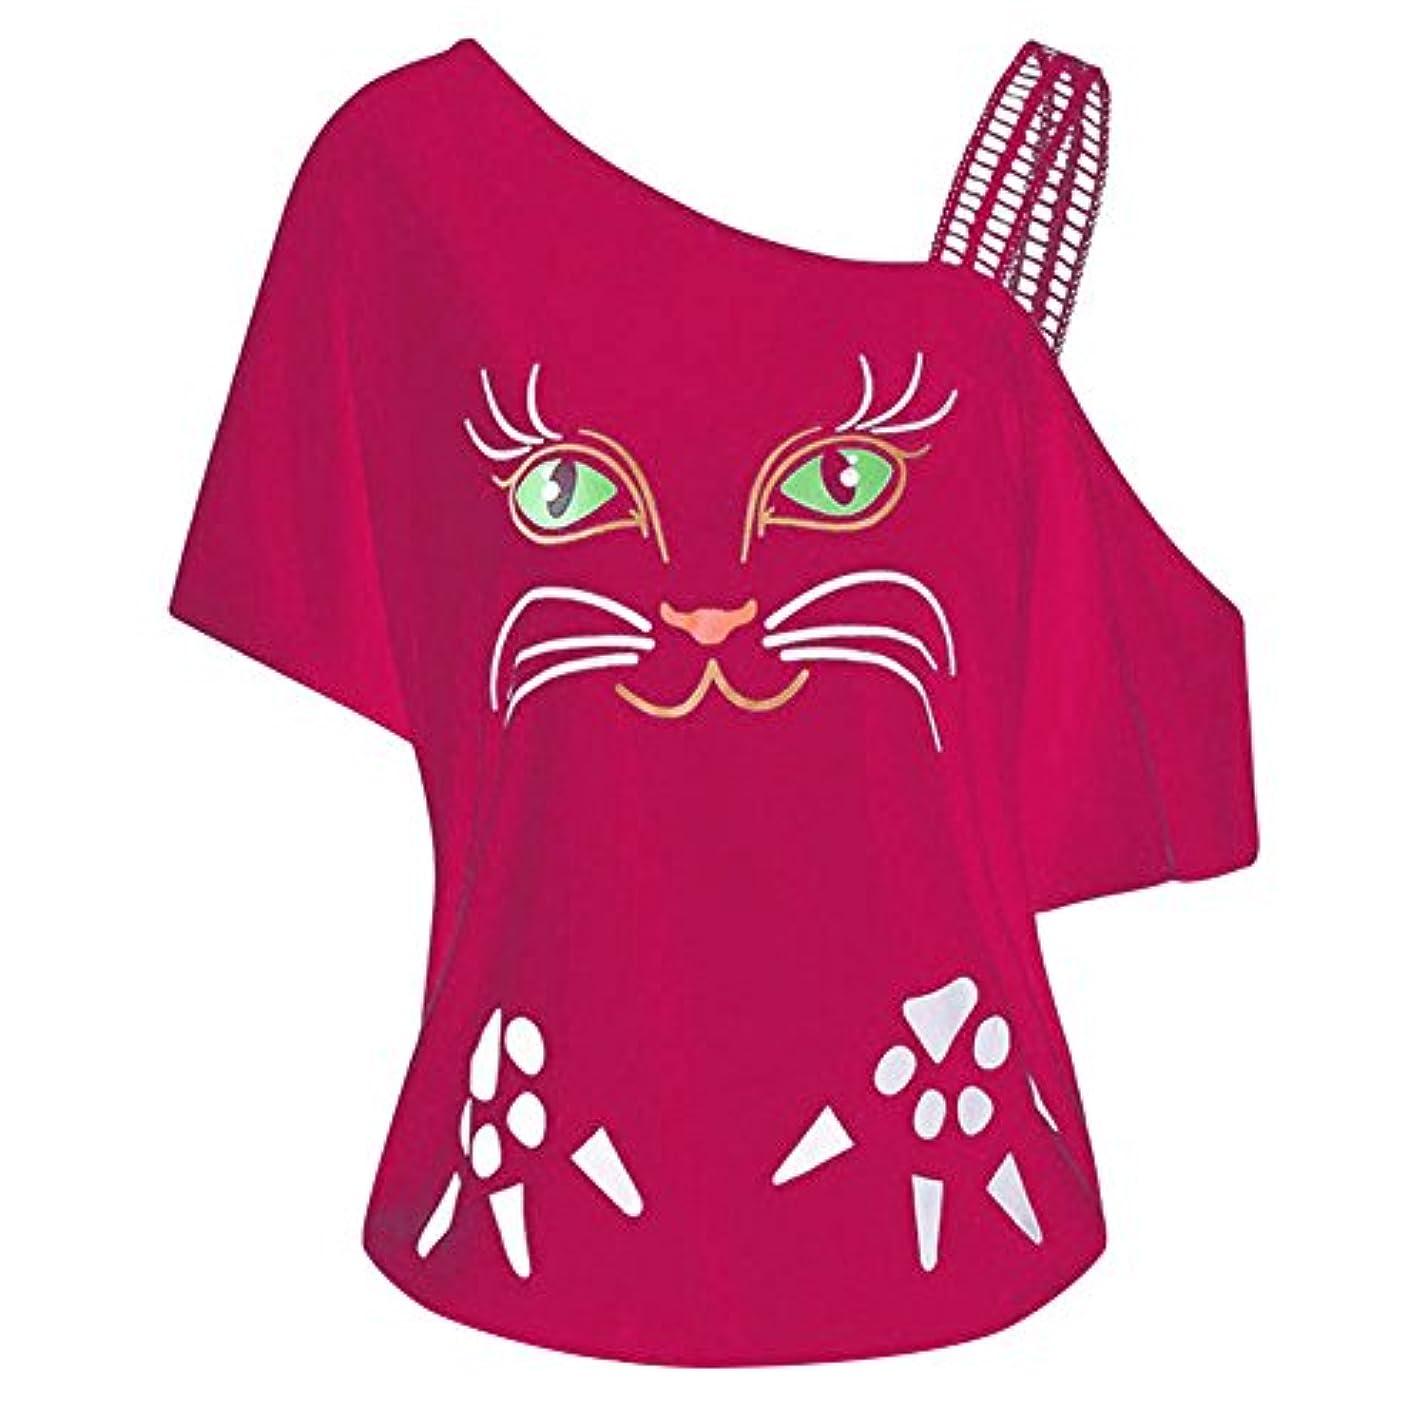 本質的に行為摩擦Hosam レディース 洋服 片肩 猫 お洒落 おもしろ プリント Tシャツ お洒落 体型カバ― お呼ばれ 通勤 日常 快適 大きなサイズ シンプルなデザイン 20代30代40代でも (L, ピンク)